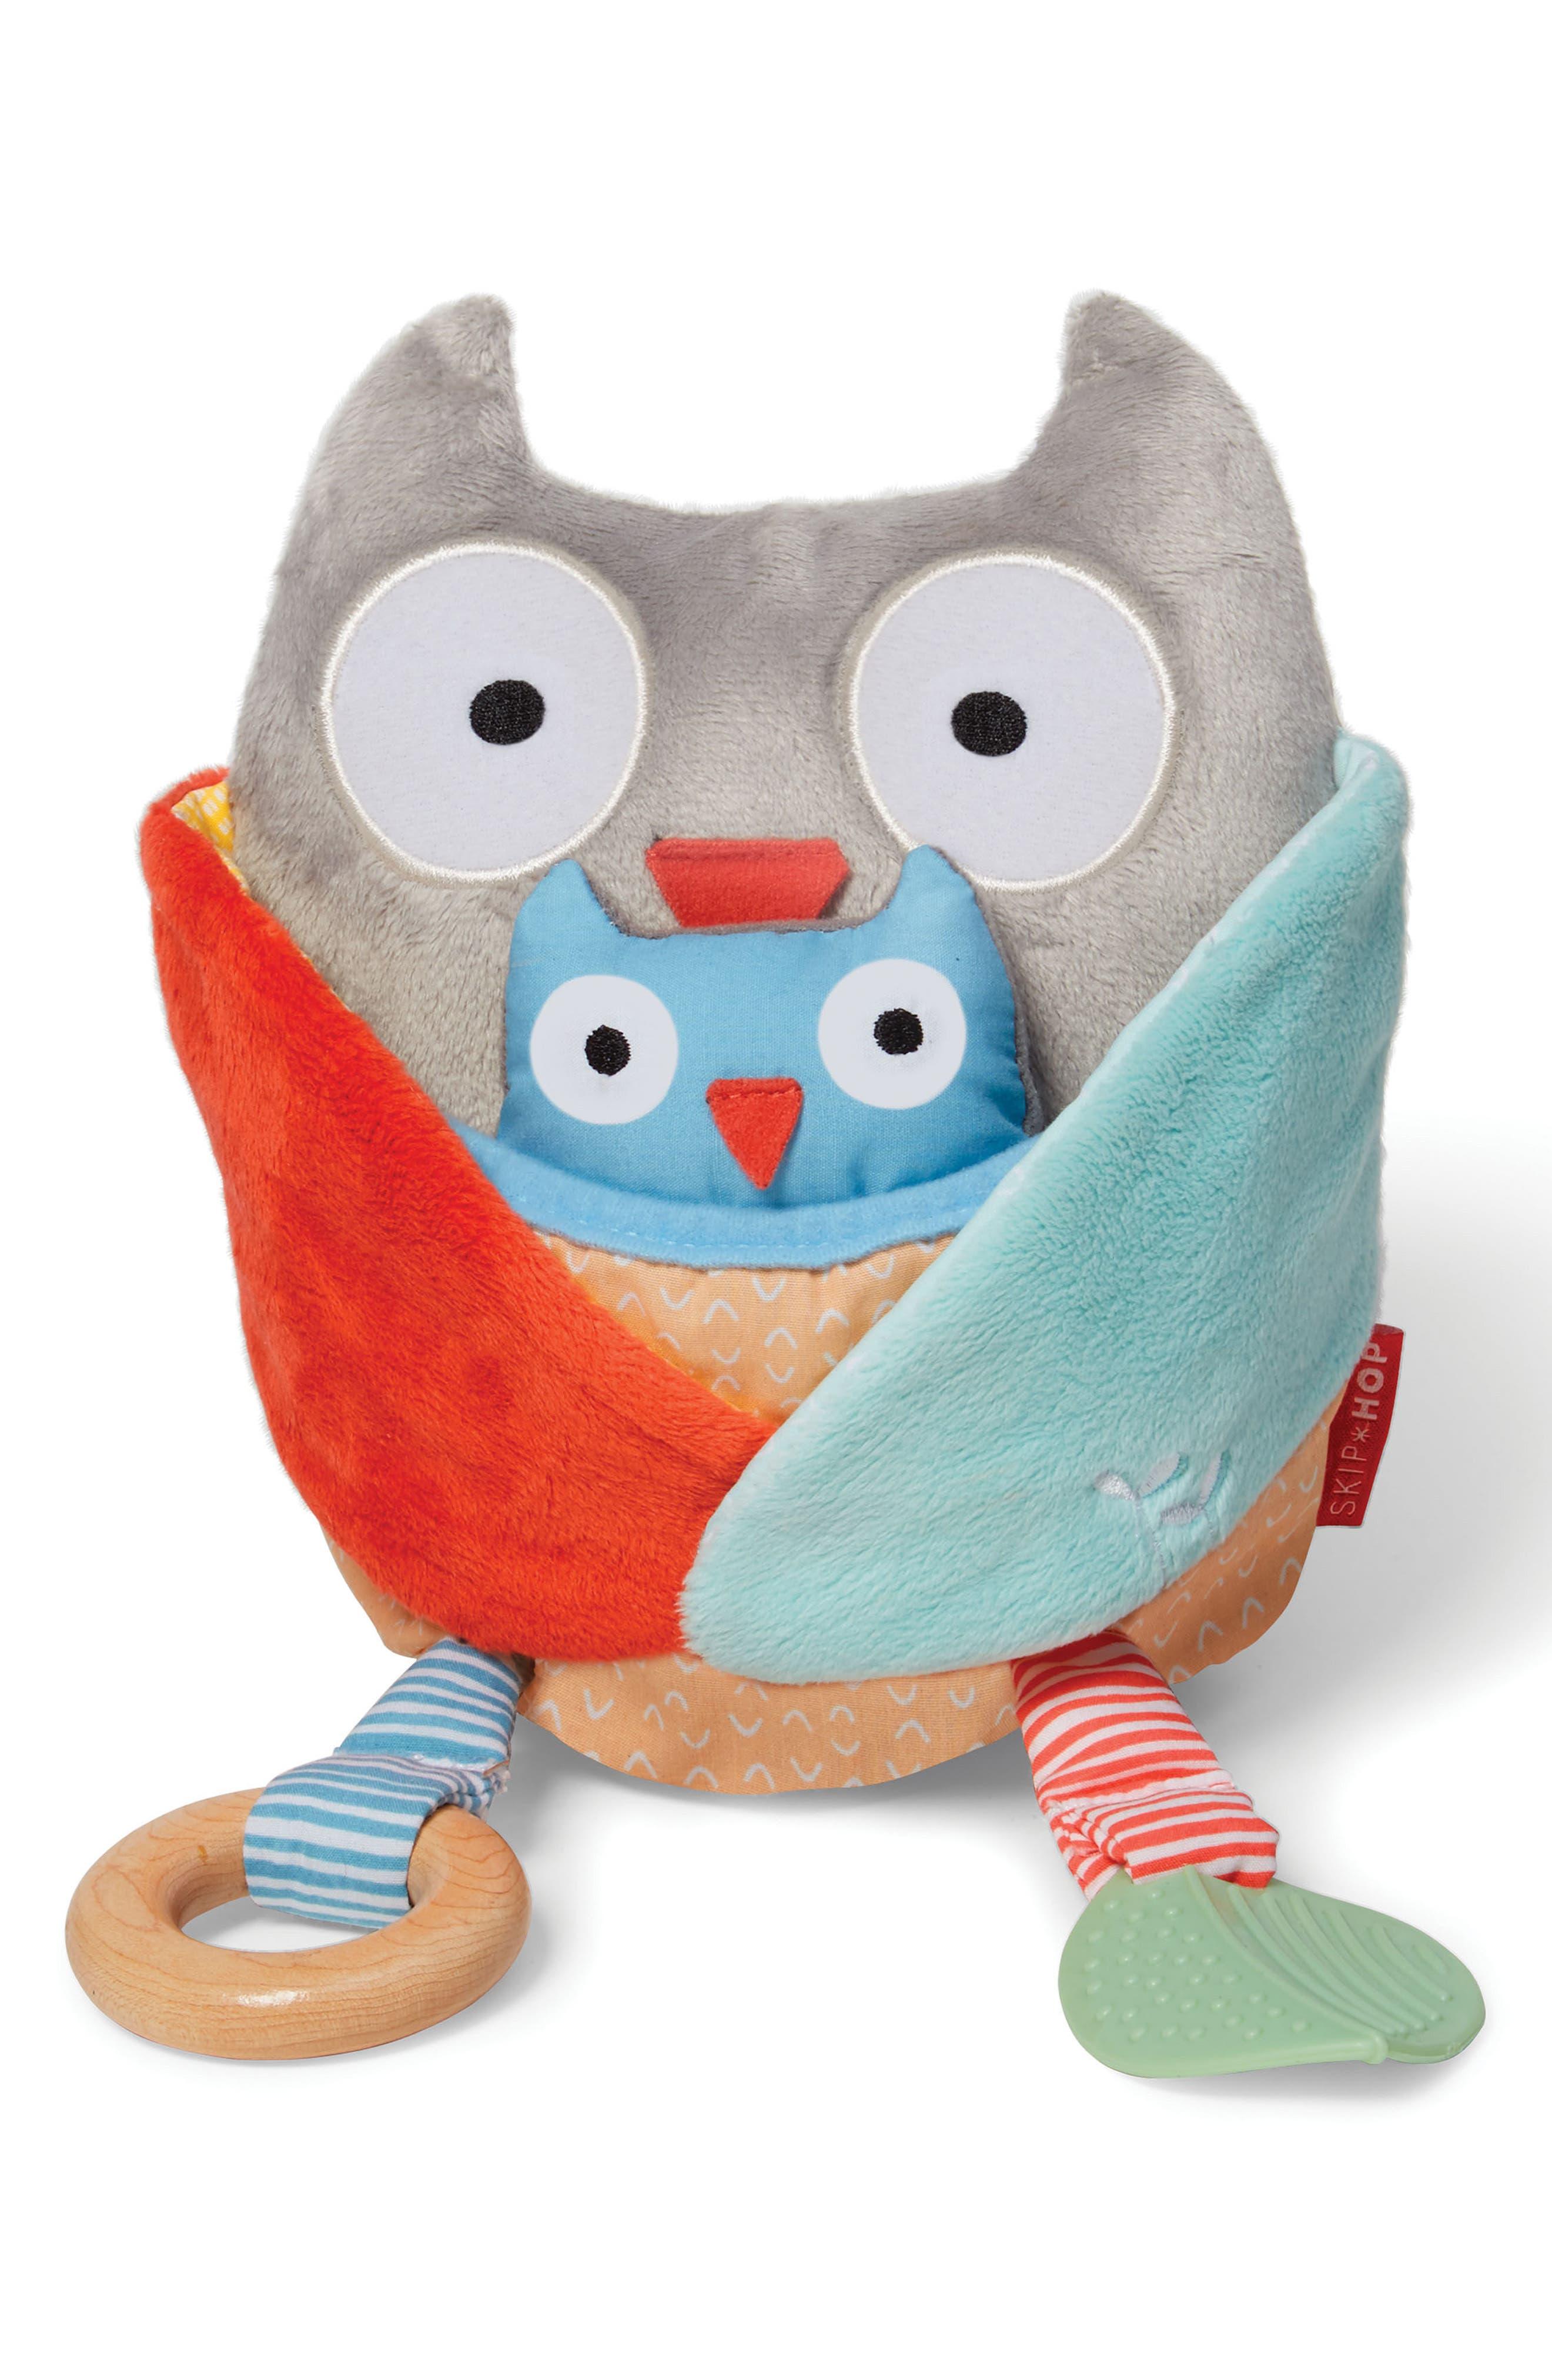 Skip Hop Treetop Friends Hug & Hide Activity Owl